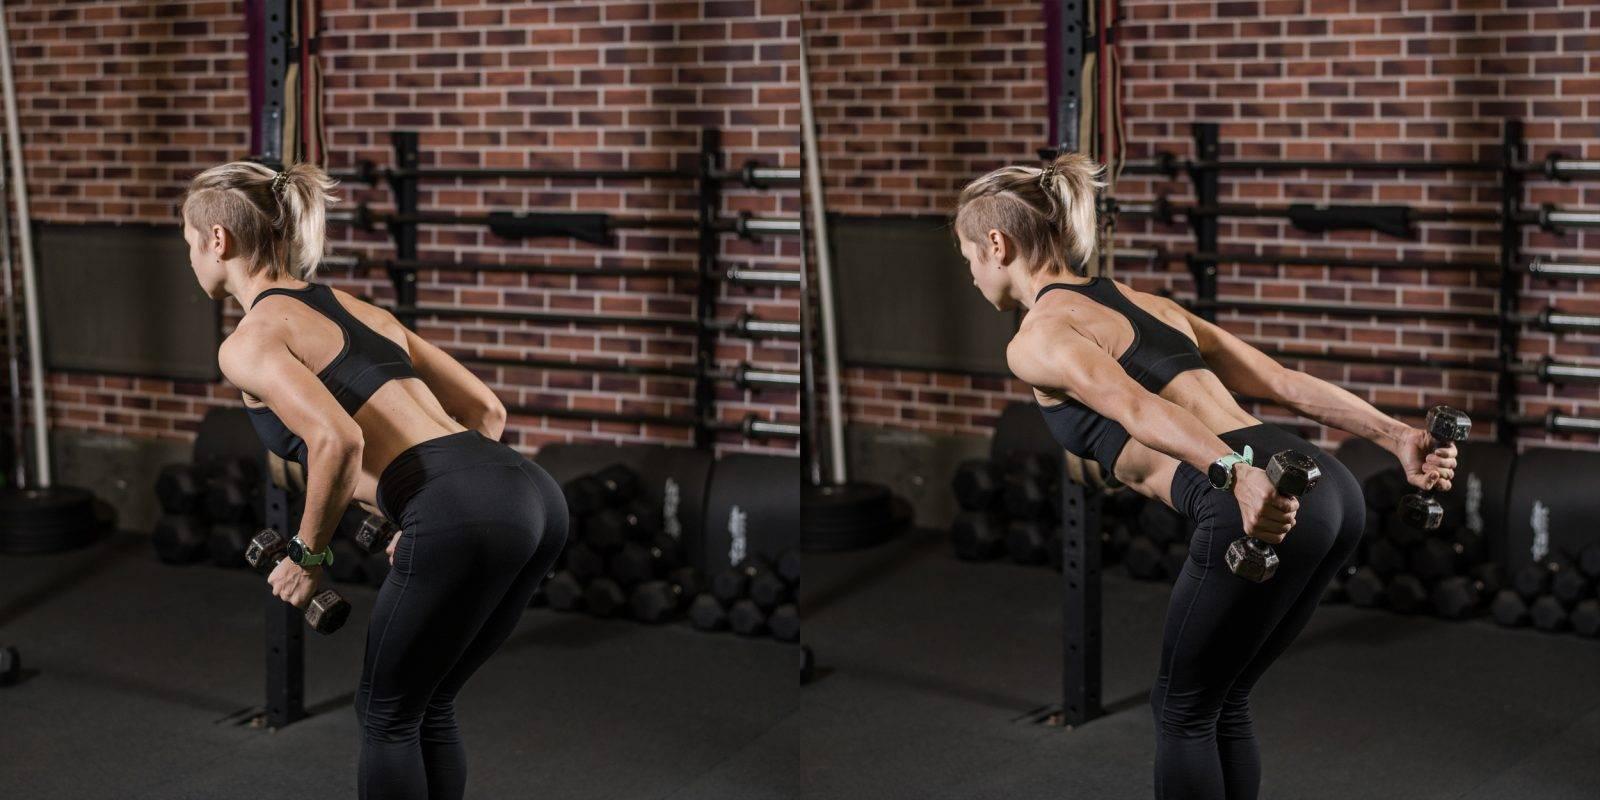 Разгибание рук в наклоне:варианты упражнения+техника выполнения